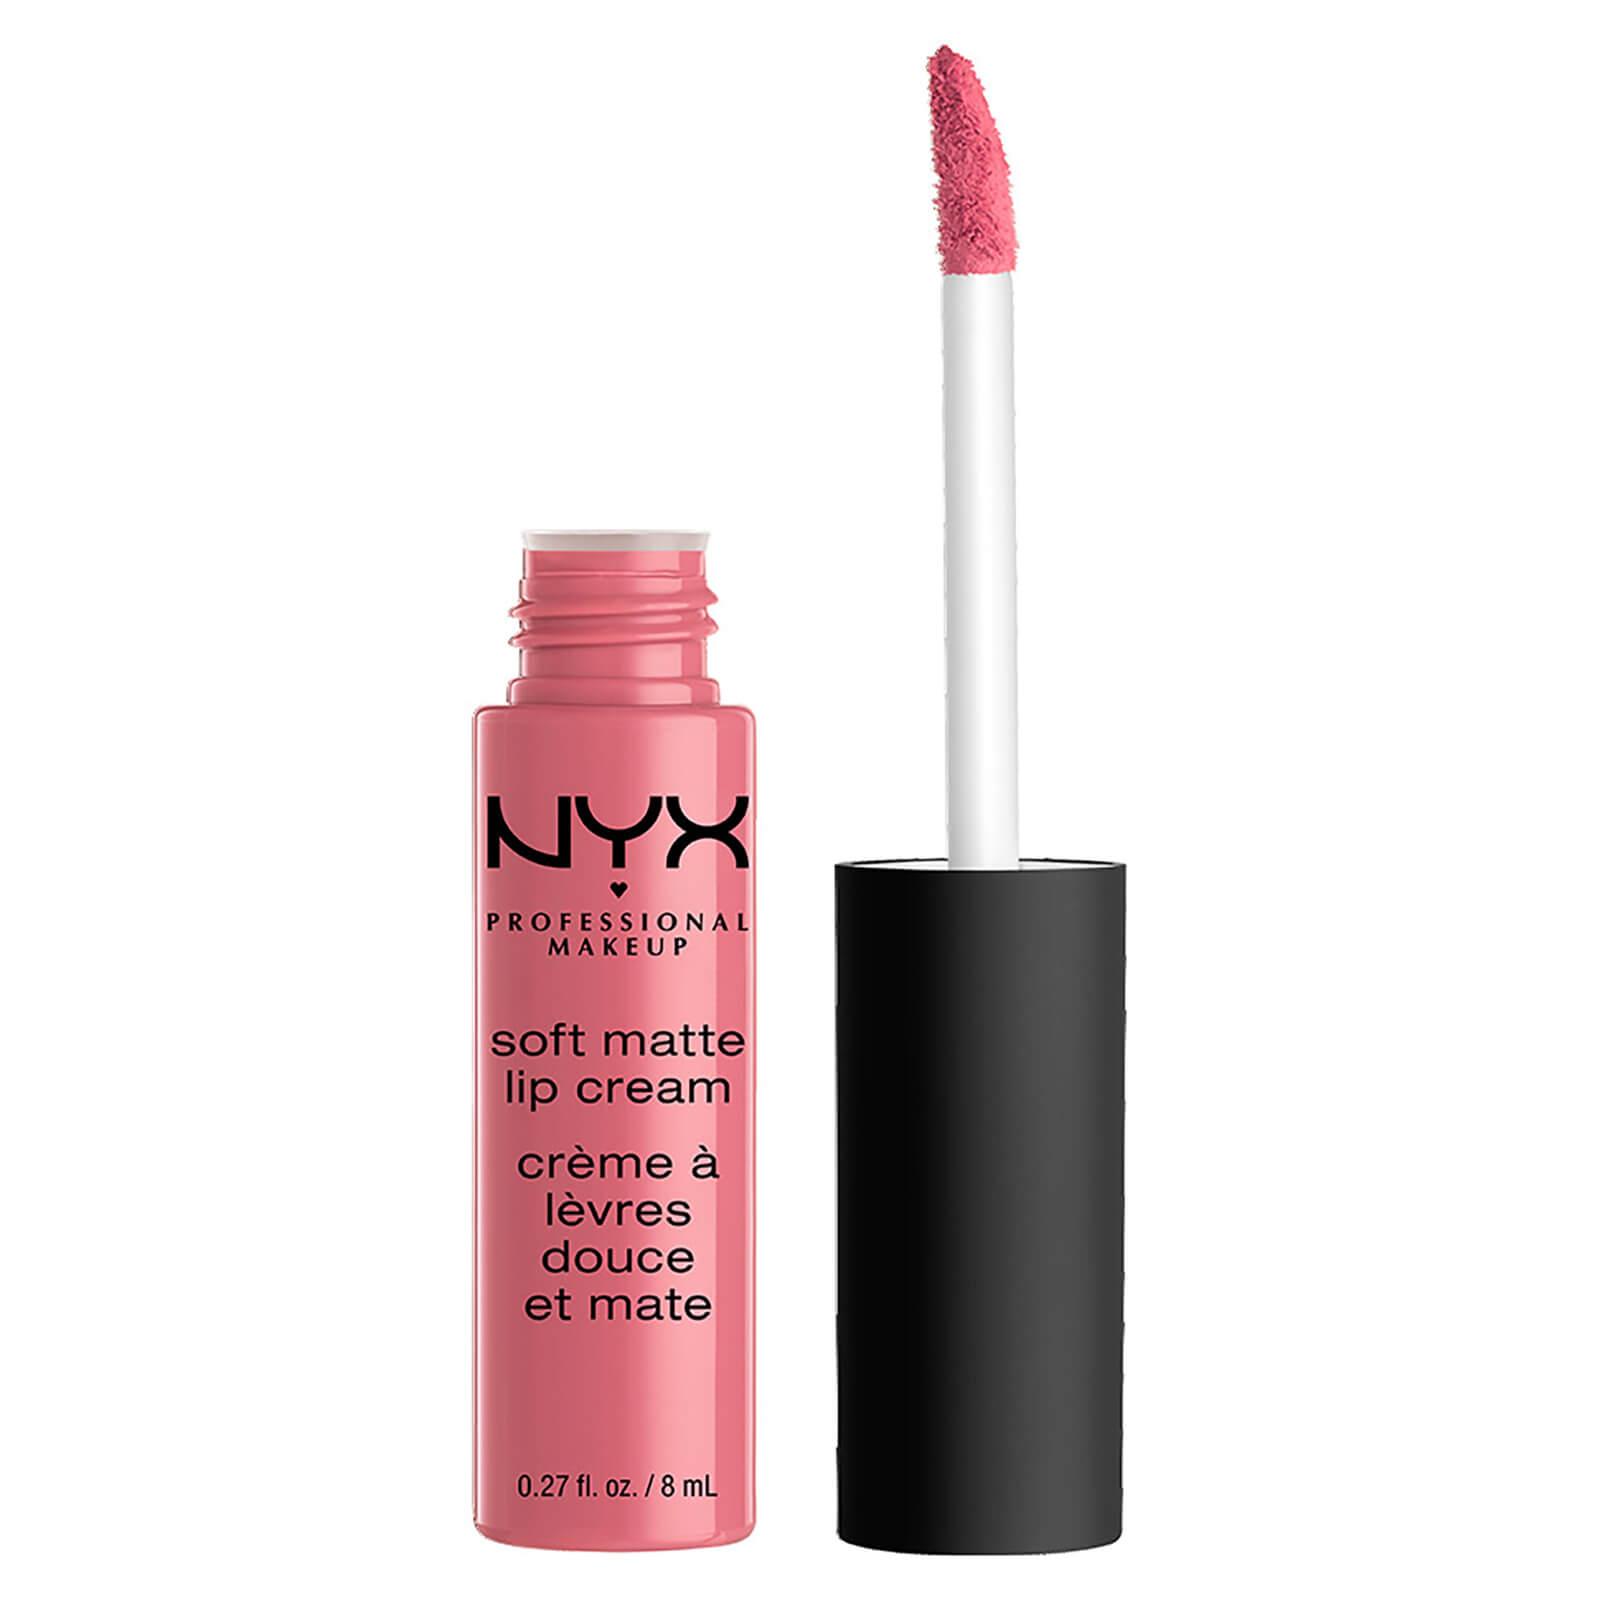 Купить Матовая жидкая помада NYX Professional Makeup Soft Matte Lip Cream (разные оттенки) - Milan